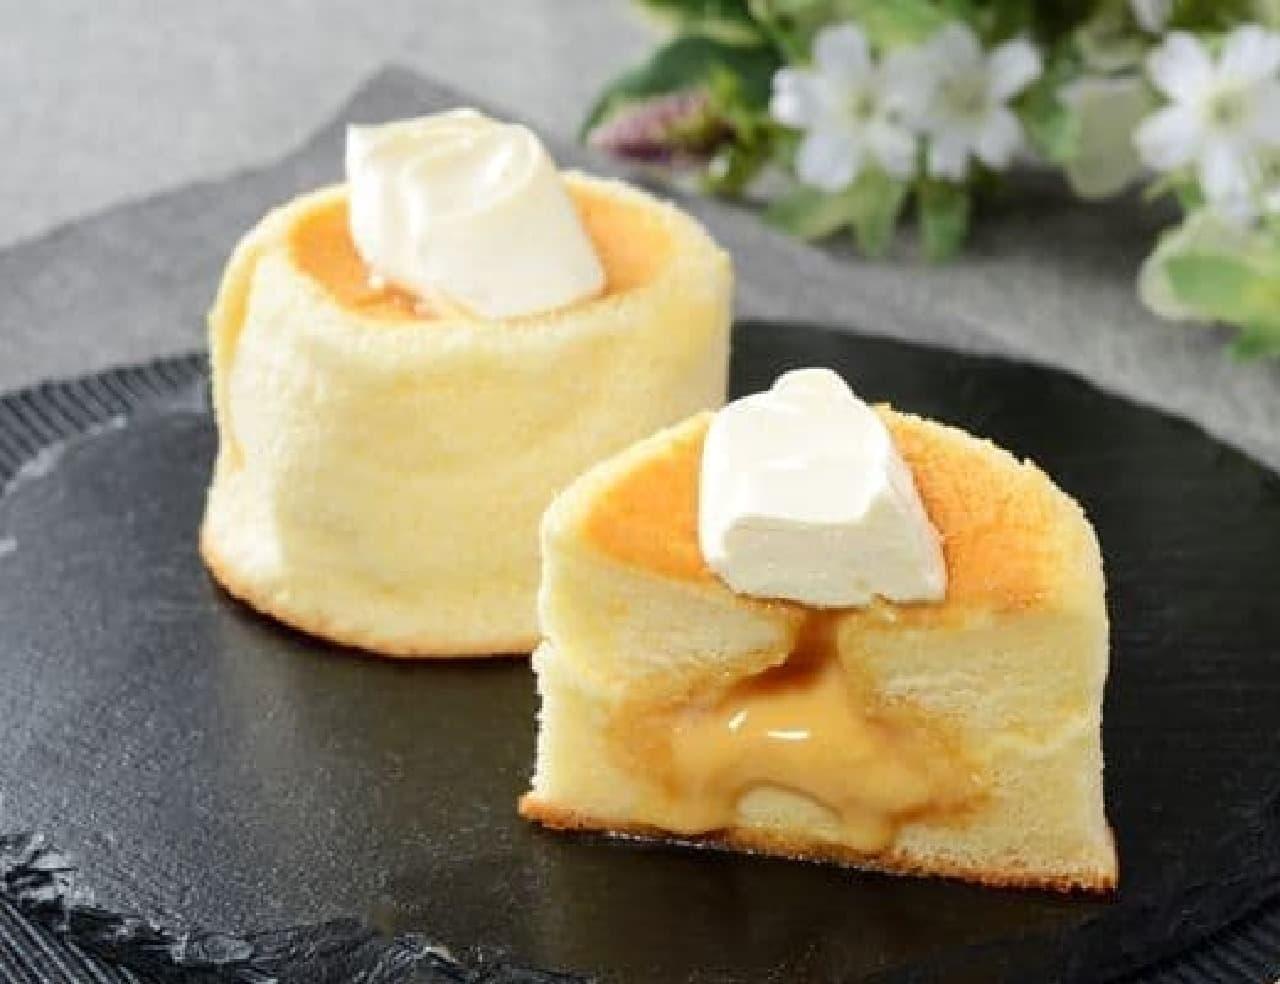 ローソン「Uchi Cafe Specialite 3種のバター華ふわケーキ(焦がしバターソース入り)」